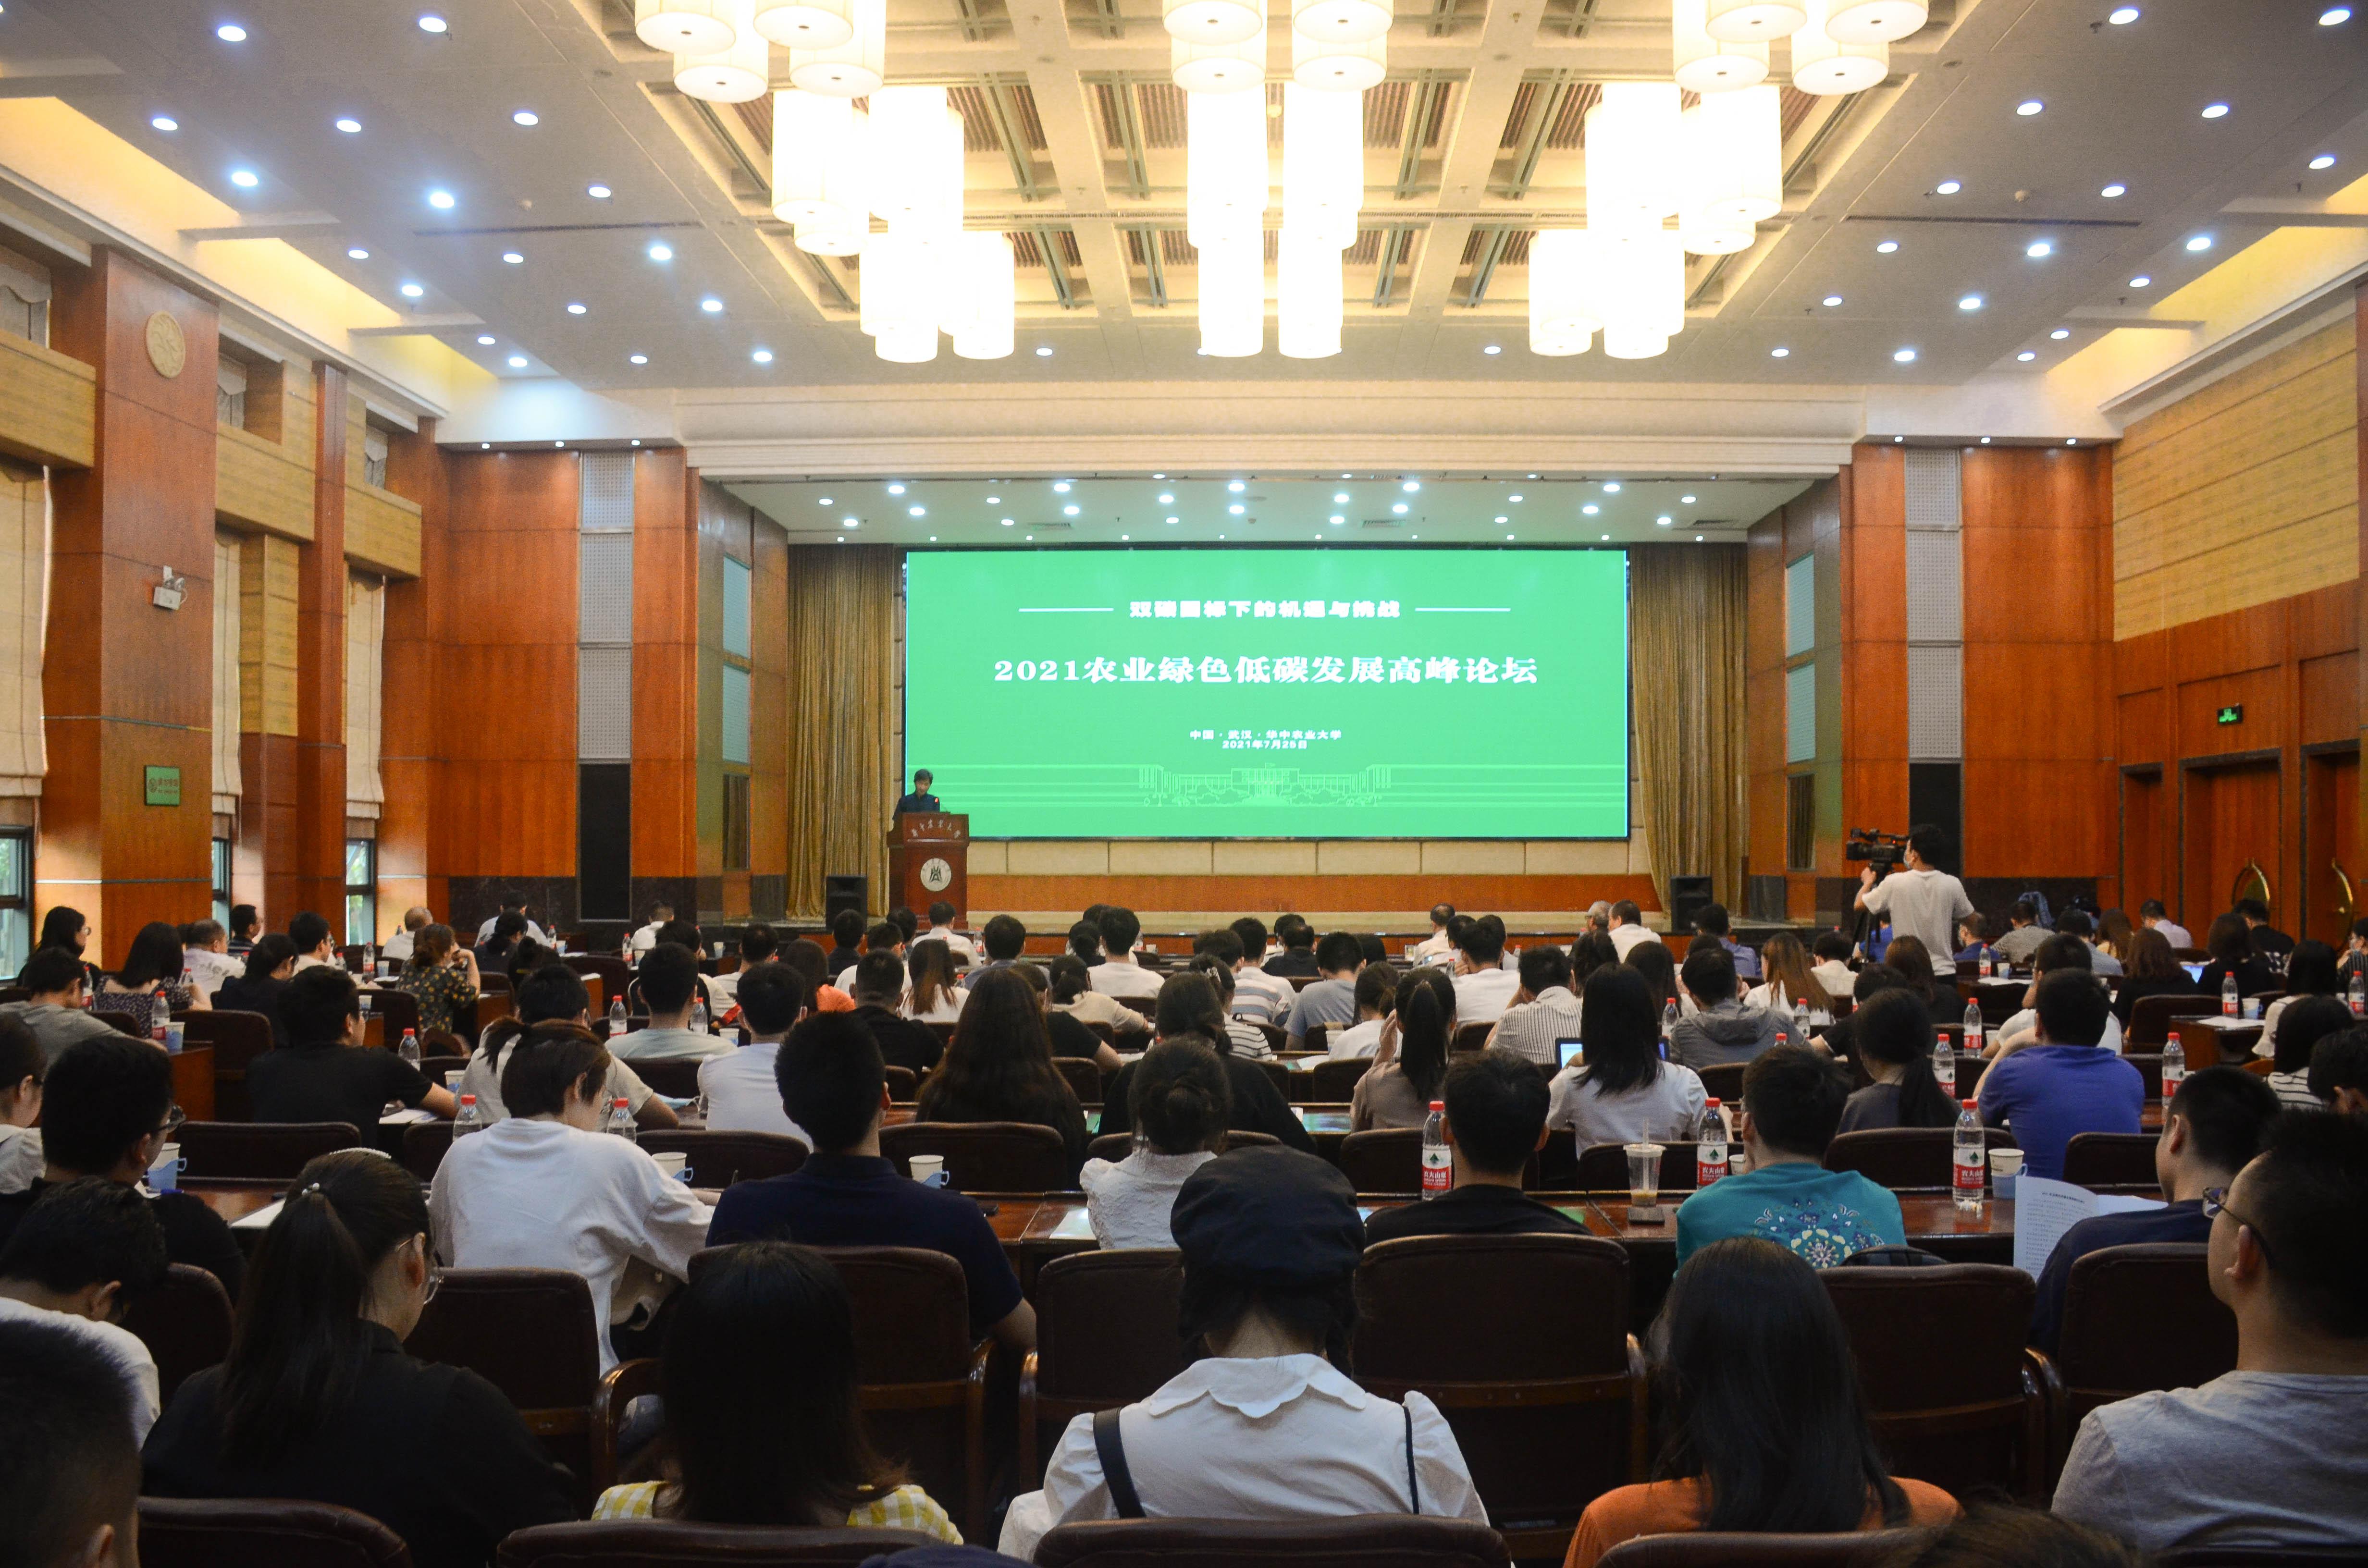 2021农业绿色低碳发展高峰论坛现场